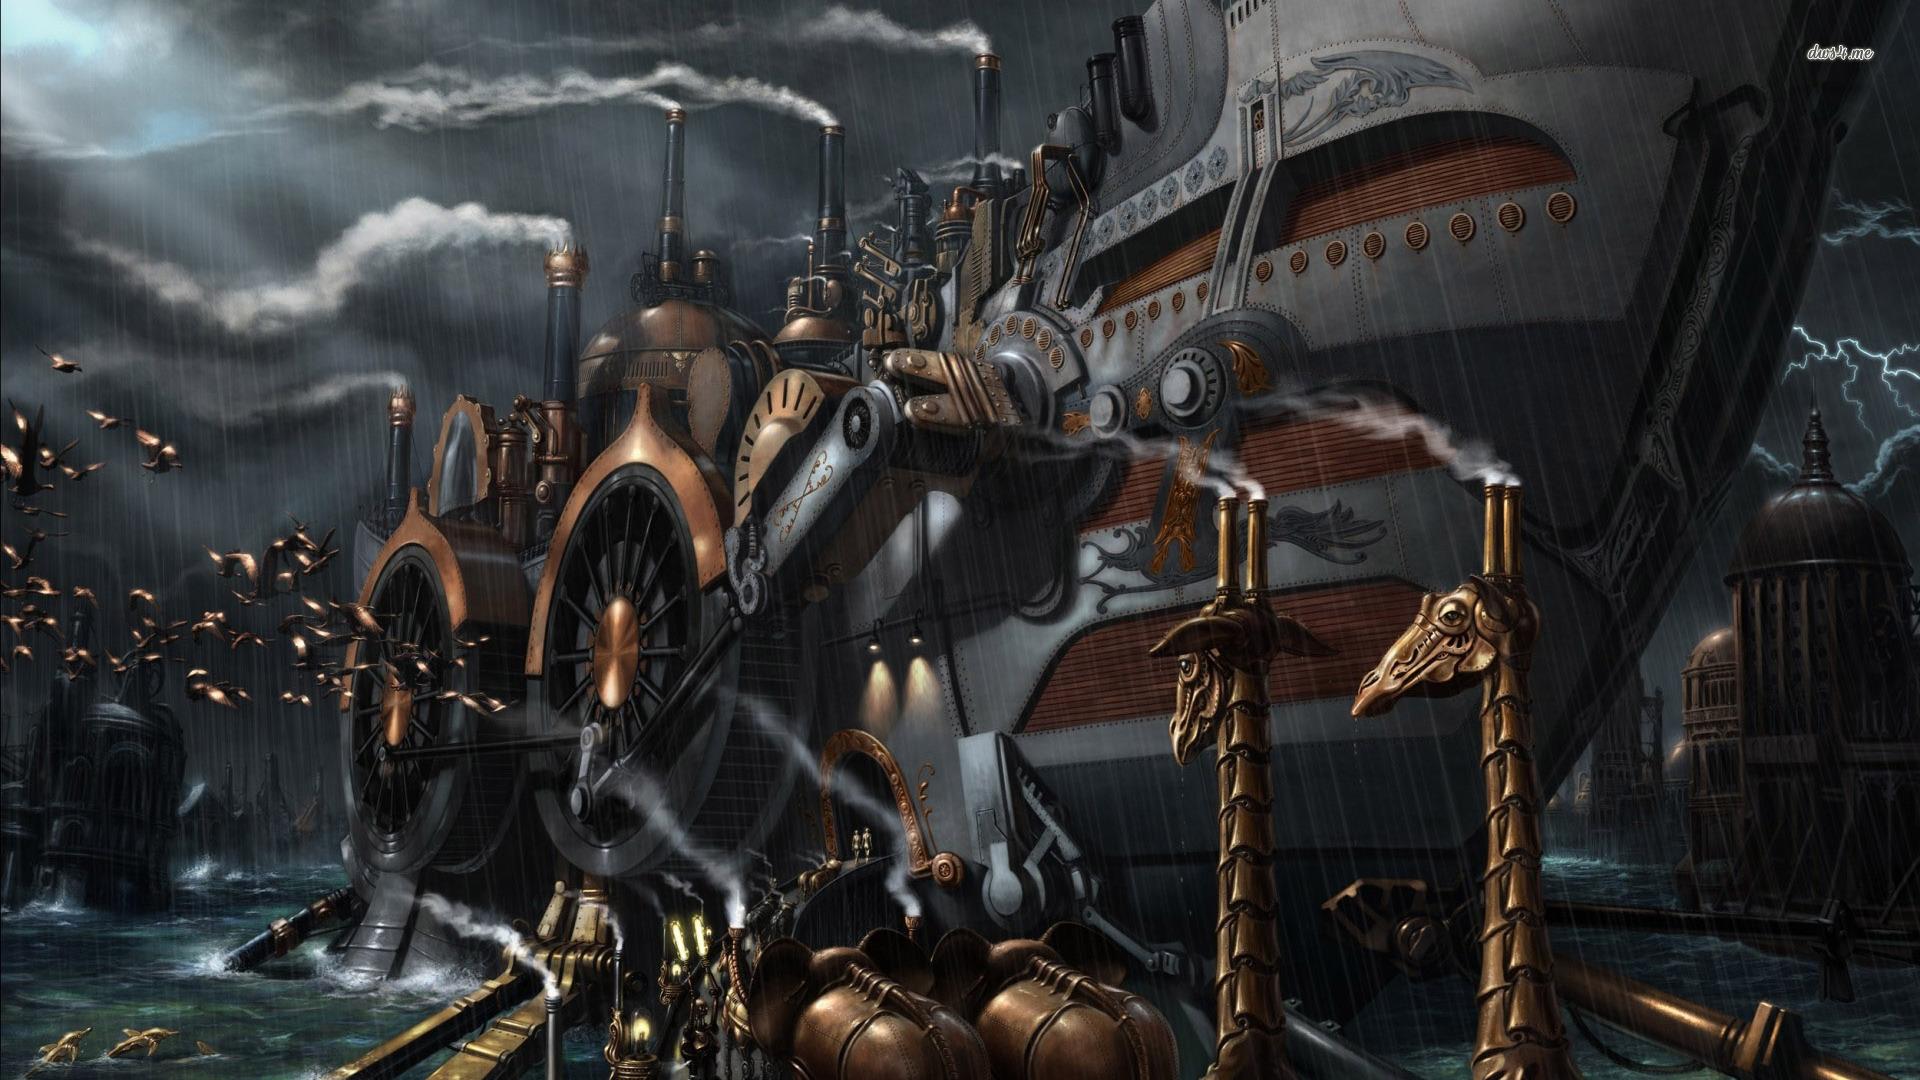 fonds d'écran steampunk : tous les wallpapers steampunk